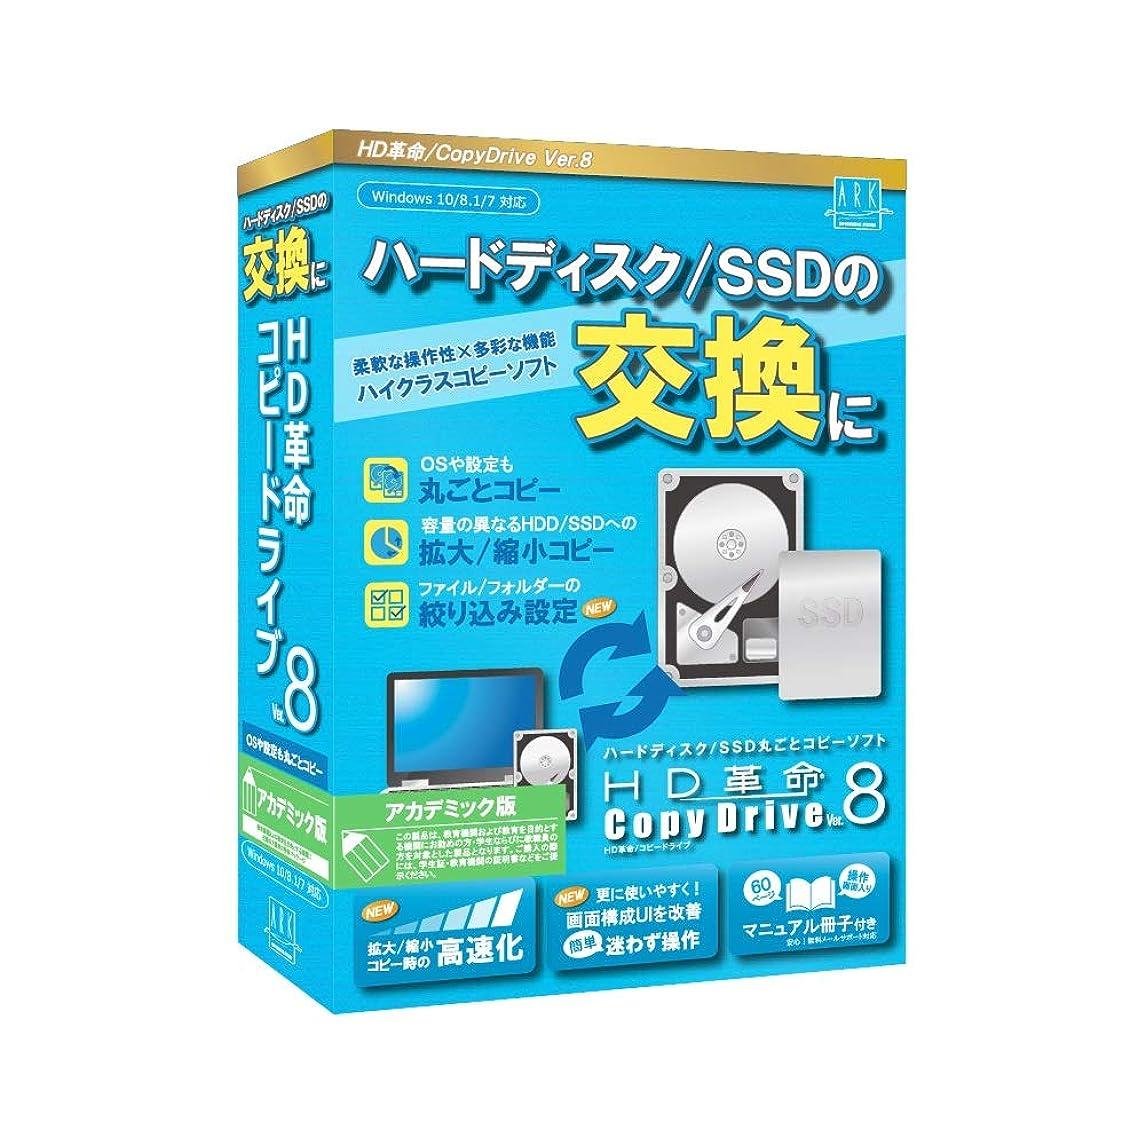 請求書和解する障害者【最新版】HD革命/CopyDrive_Ver.8_アカデミック版 ハードディスク SSD 入れ替え 交換 まるごとコピーソフト コピードライブ